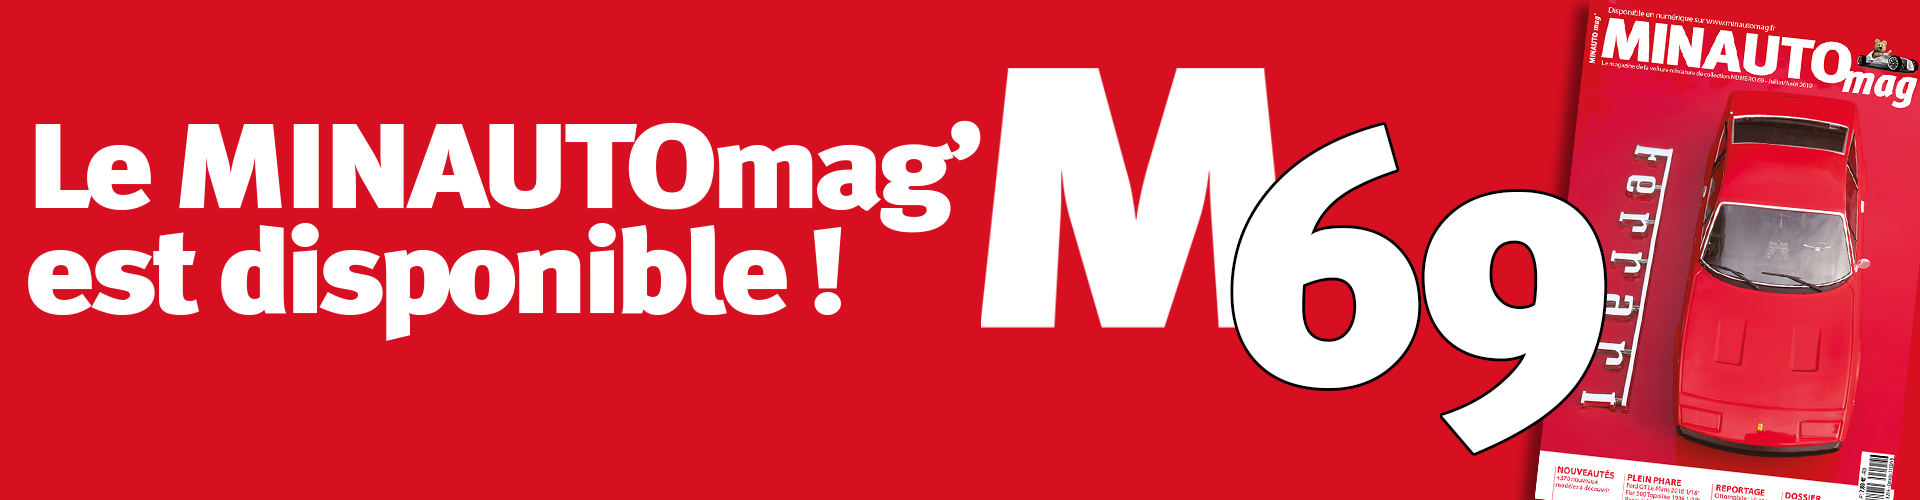 La Minauto De Voiture Miniature MagLe Magazine 5L3ARqc4j